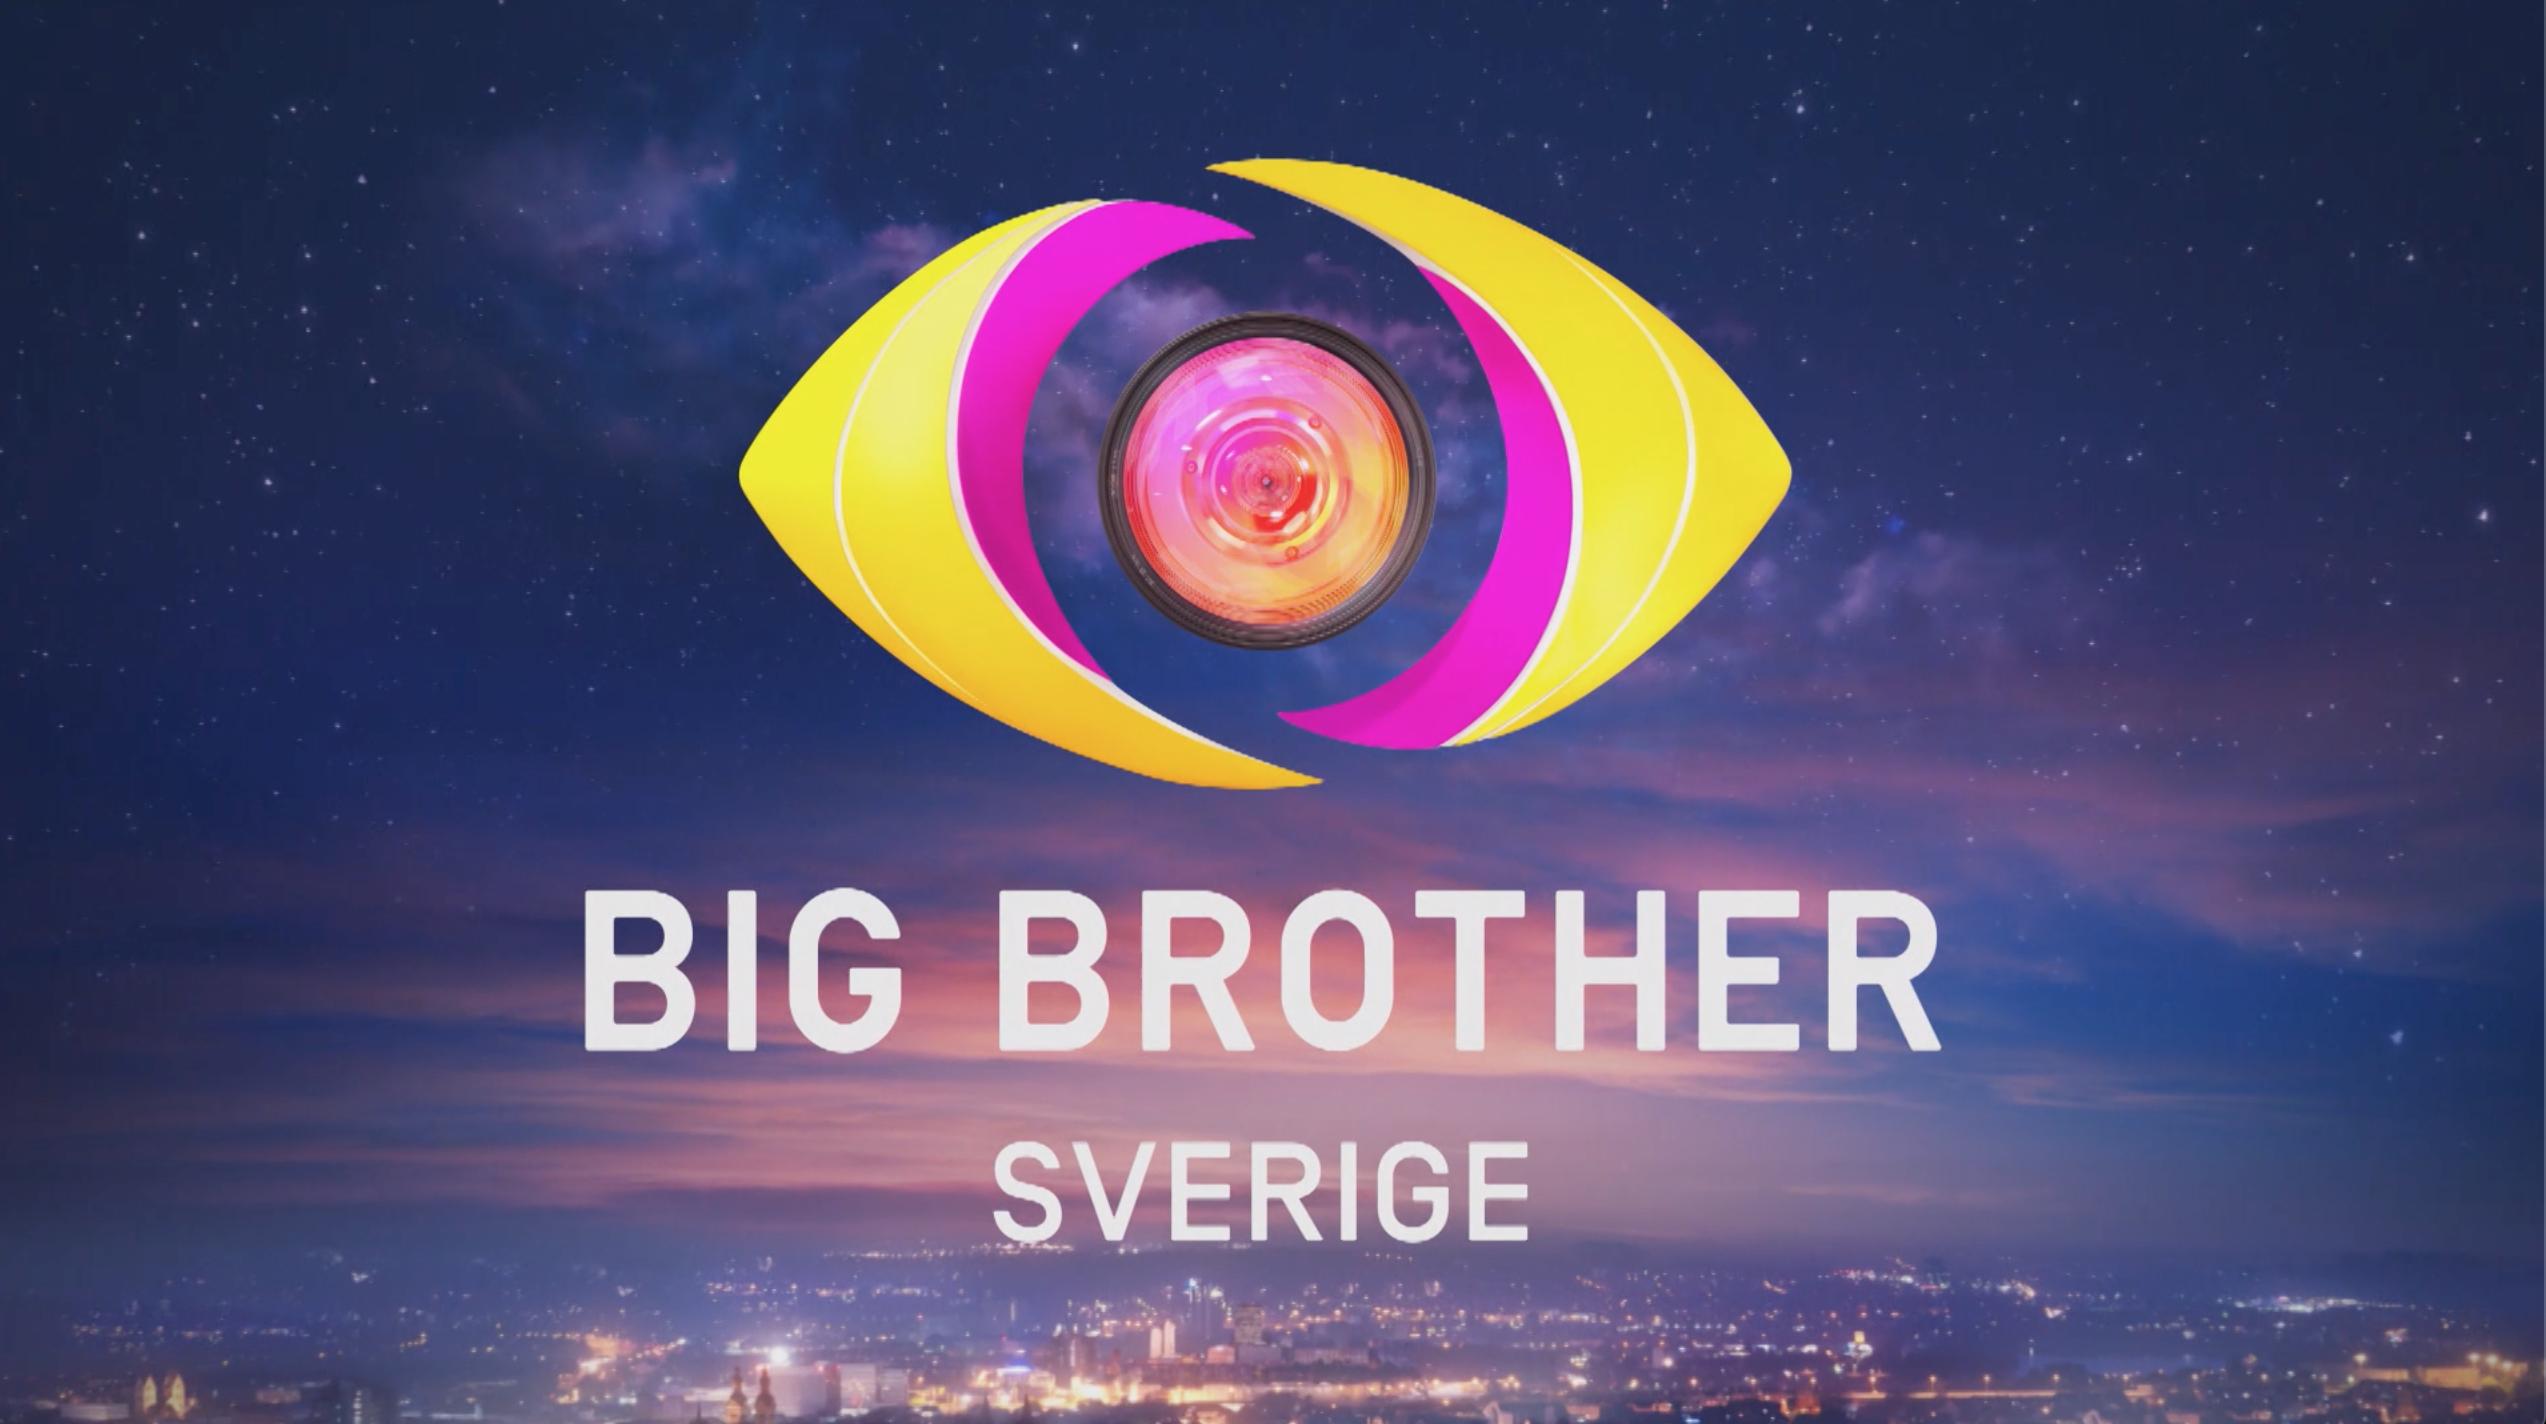 BIG BROTHER SVERIGE